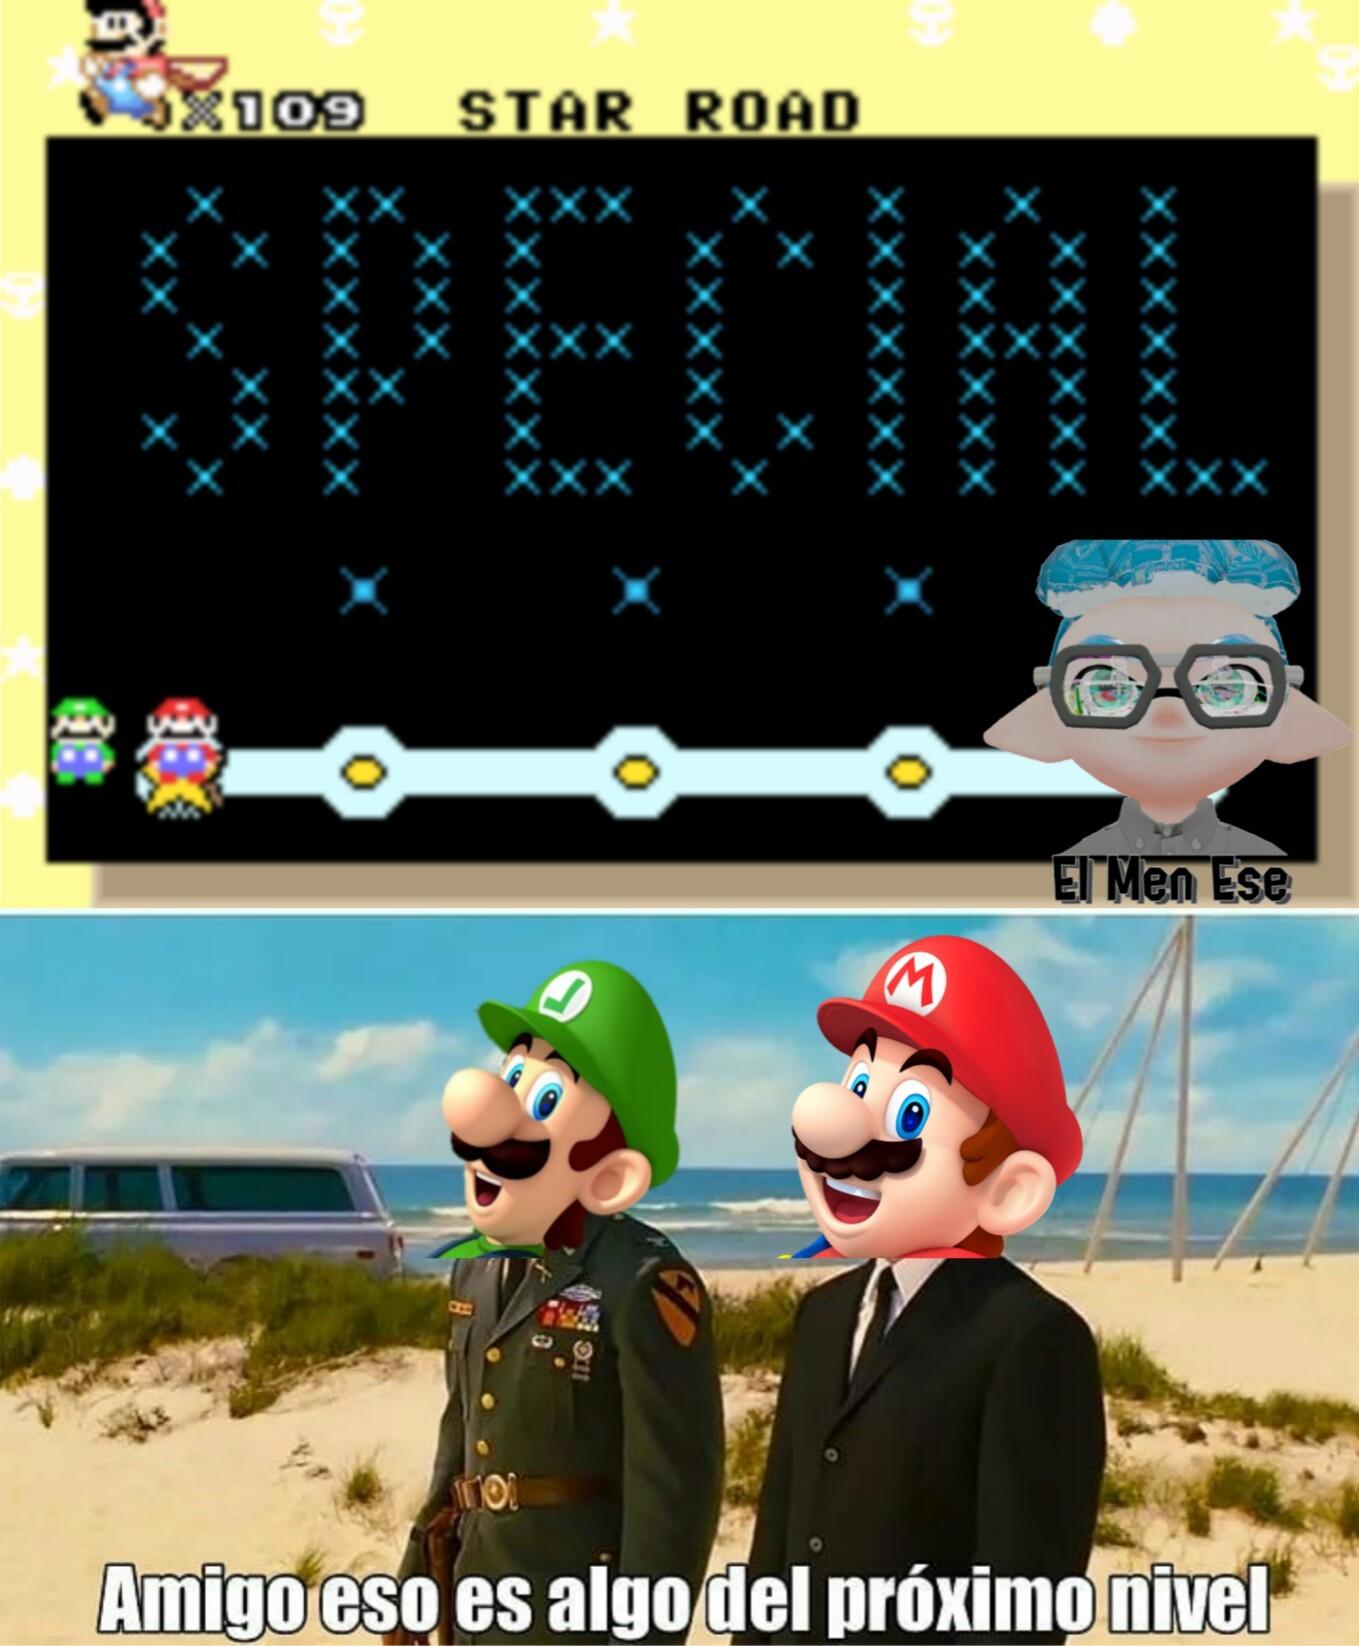 He gastado casi 3 horas en ese juego - meme